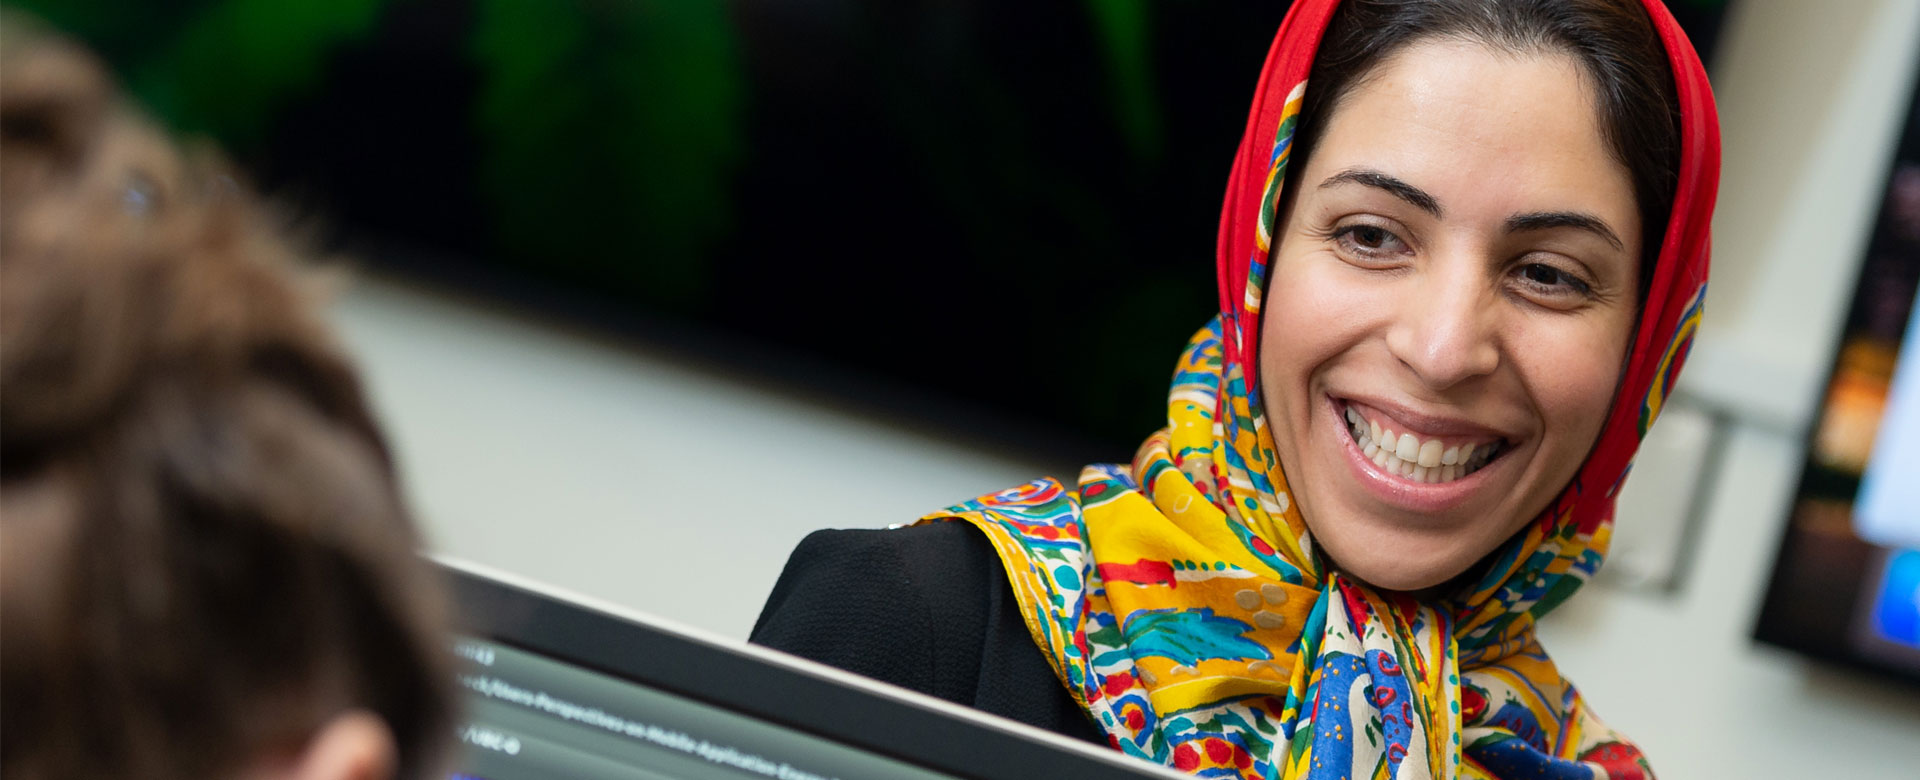 Woman professor at UBCO